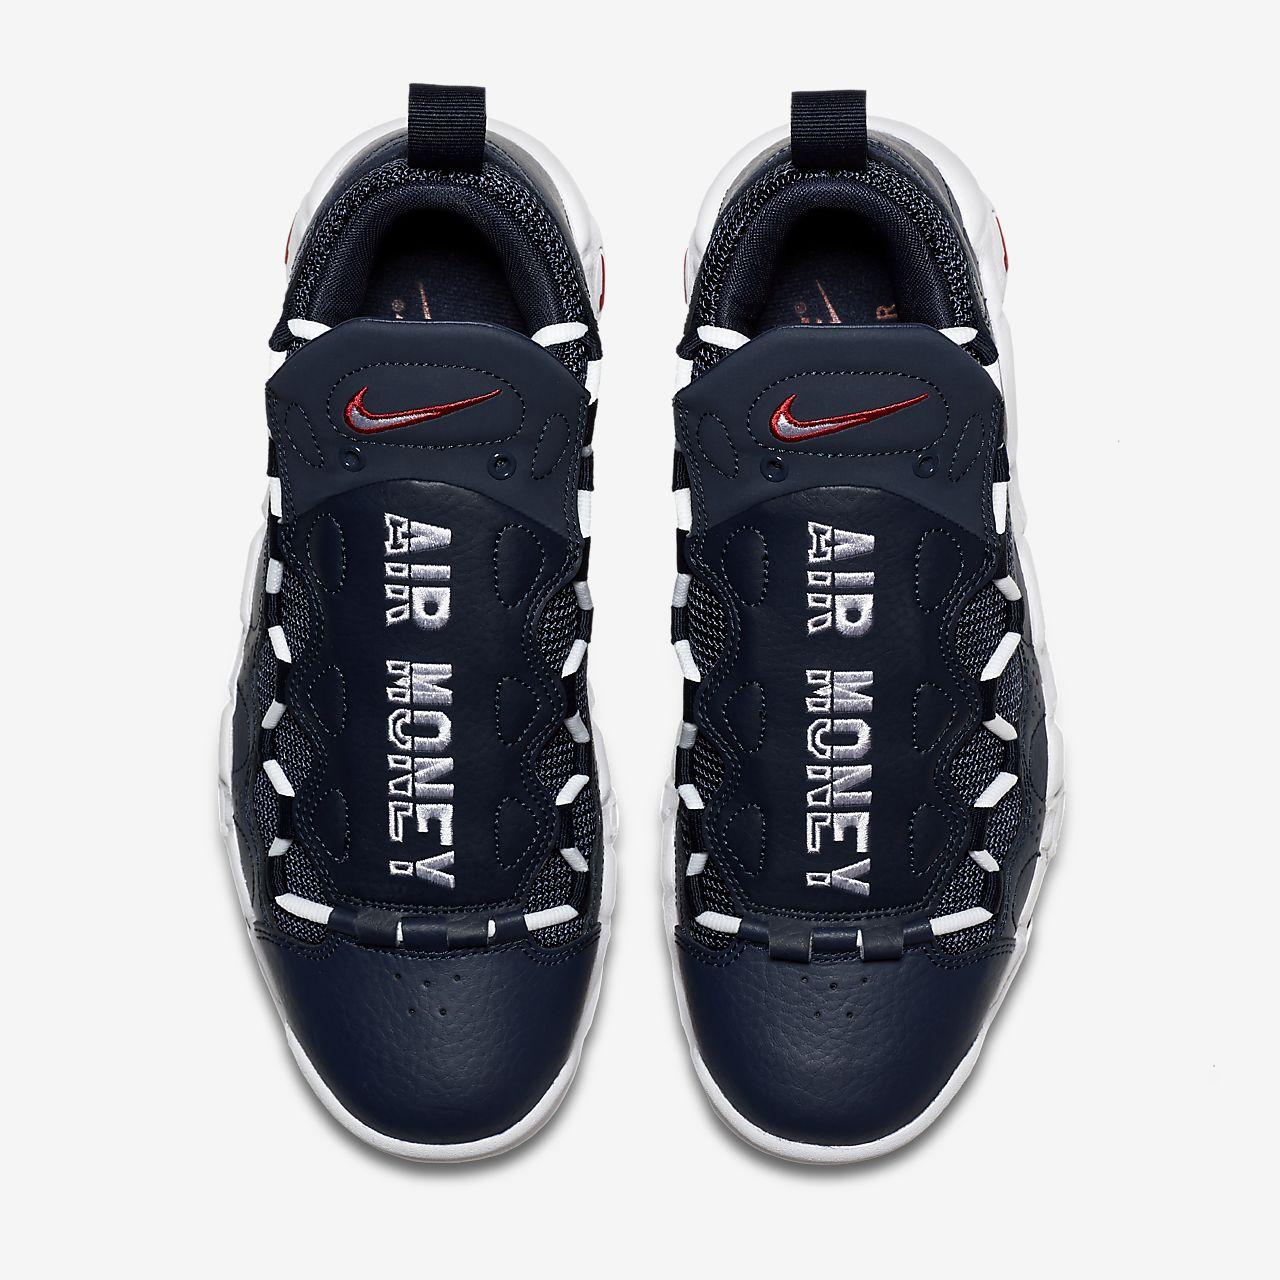 5a6e25068cb3 Nike Air More Money Men s Shoe. Nike.com